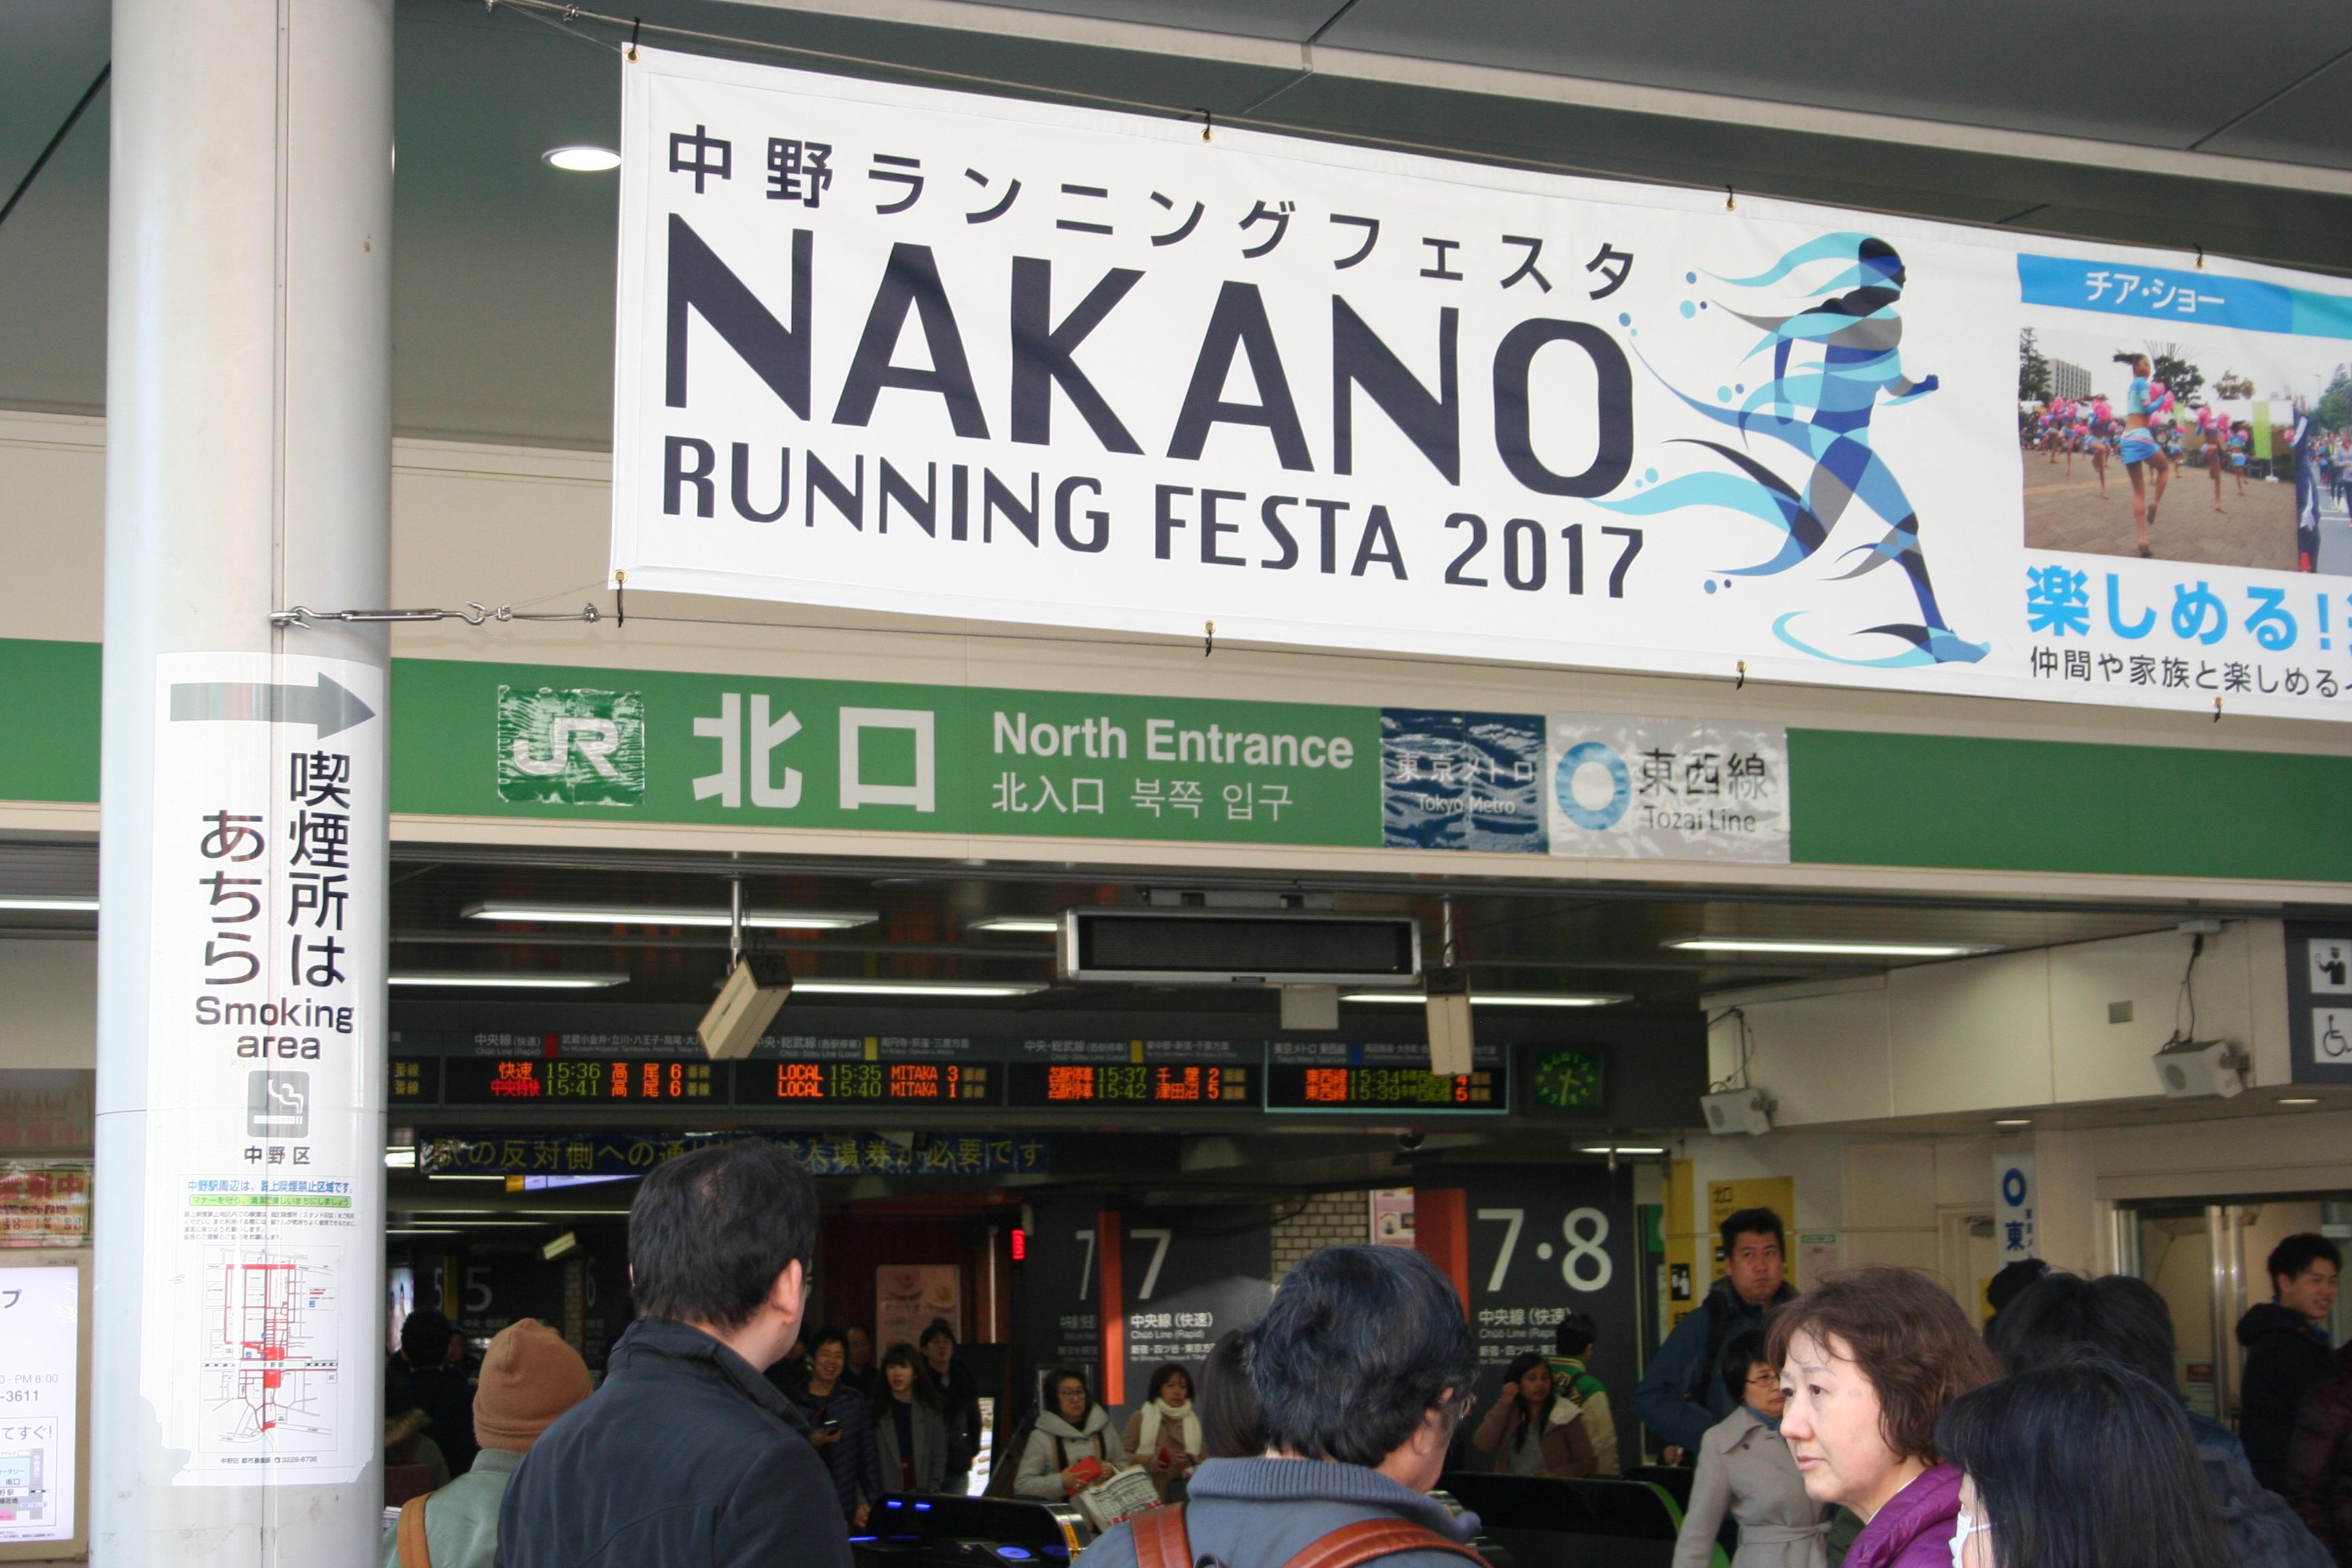 도쿄-나카노브로드웨이18